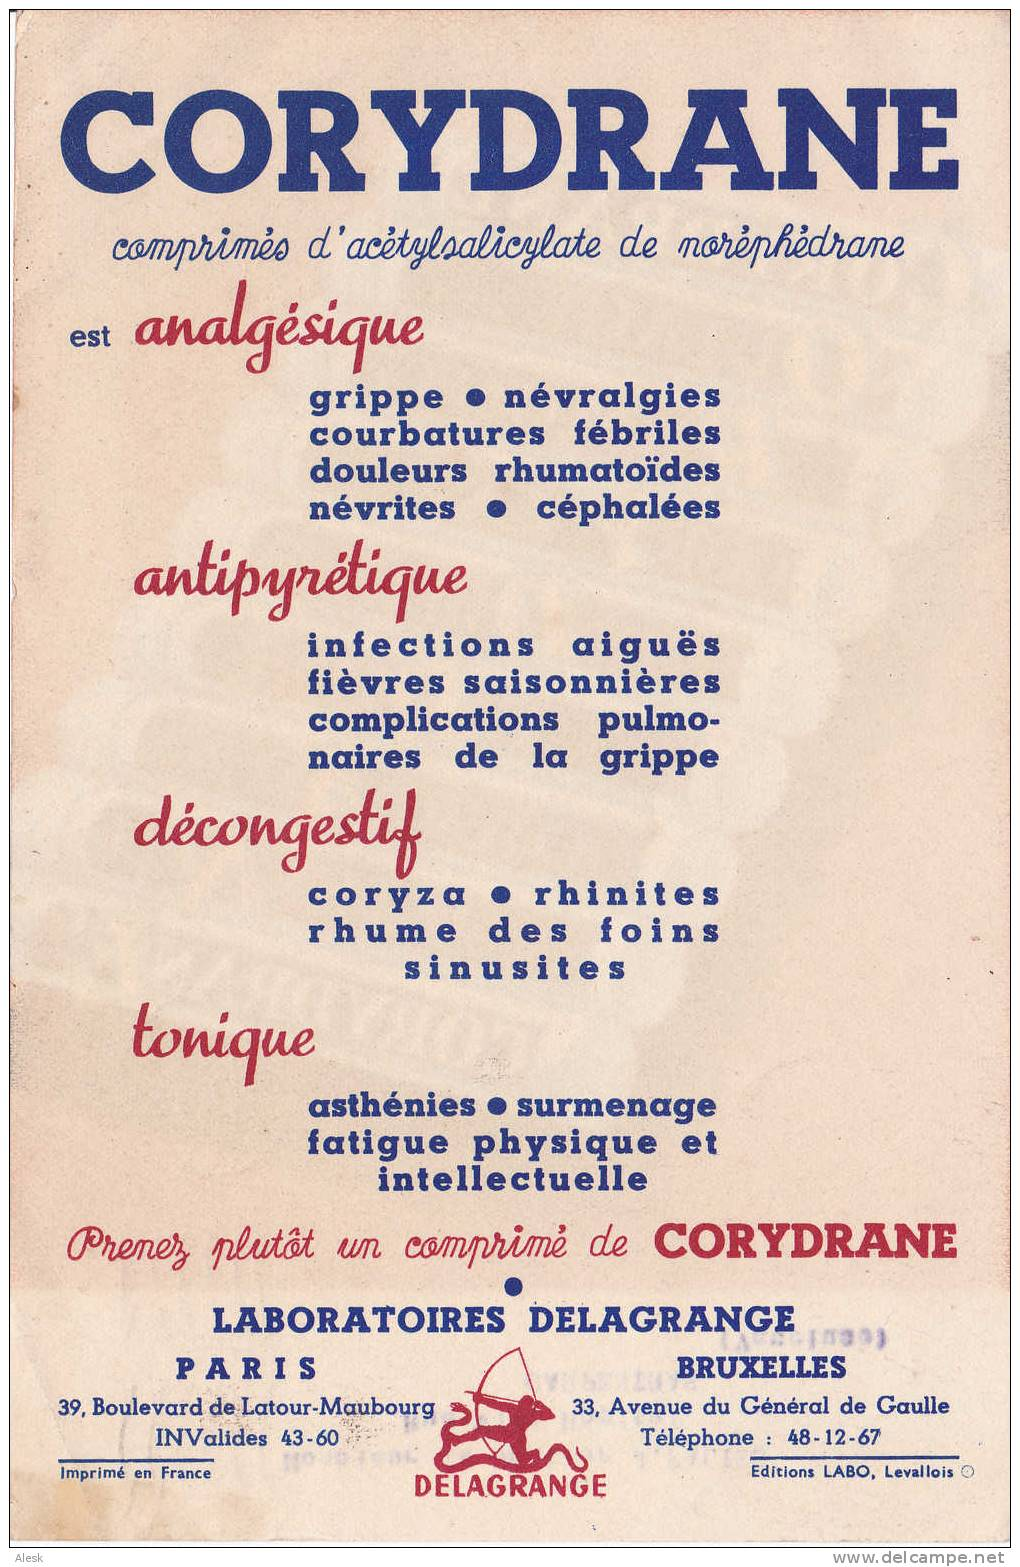 PHARMACEUTIQUE - Laboratoires Delagrange - Corydrane - Décongestif - Distribution Par Courrier - Publicités